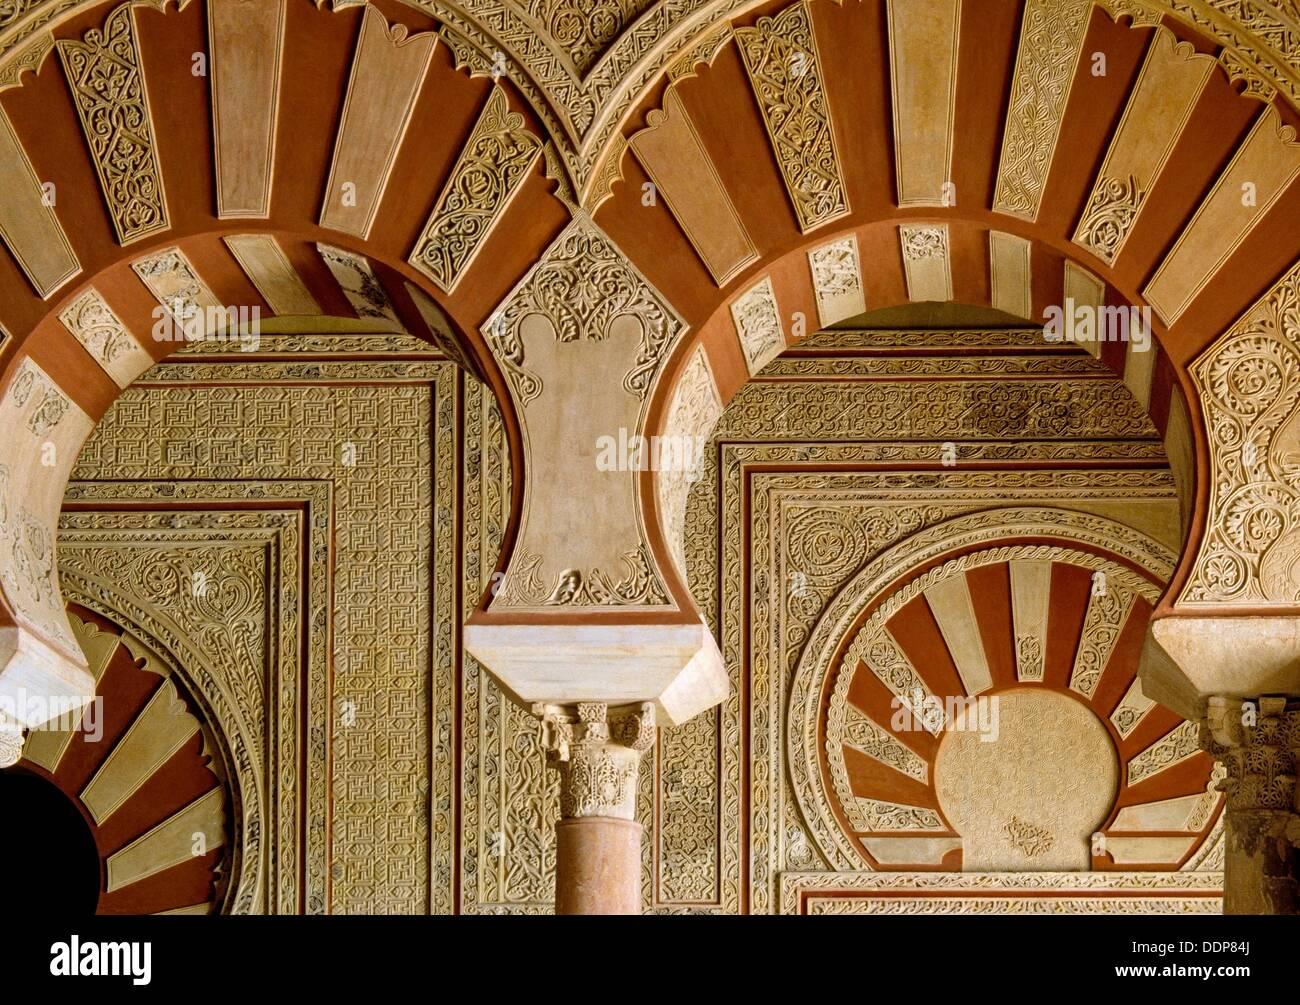 Reception Hall Of Abd Al Rahman III Medina Azahara Madinat Zahra Meaning Brilliant Town Beautiful Or The